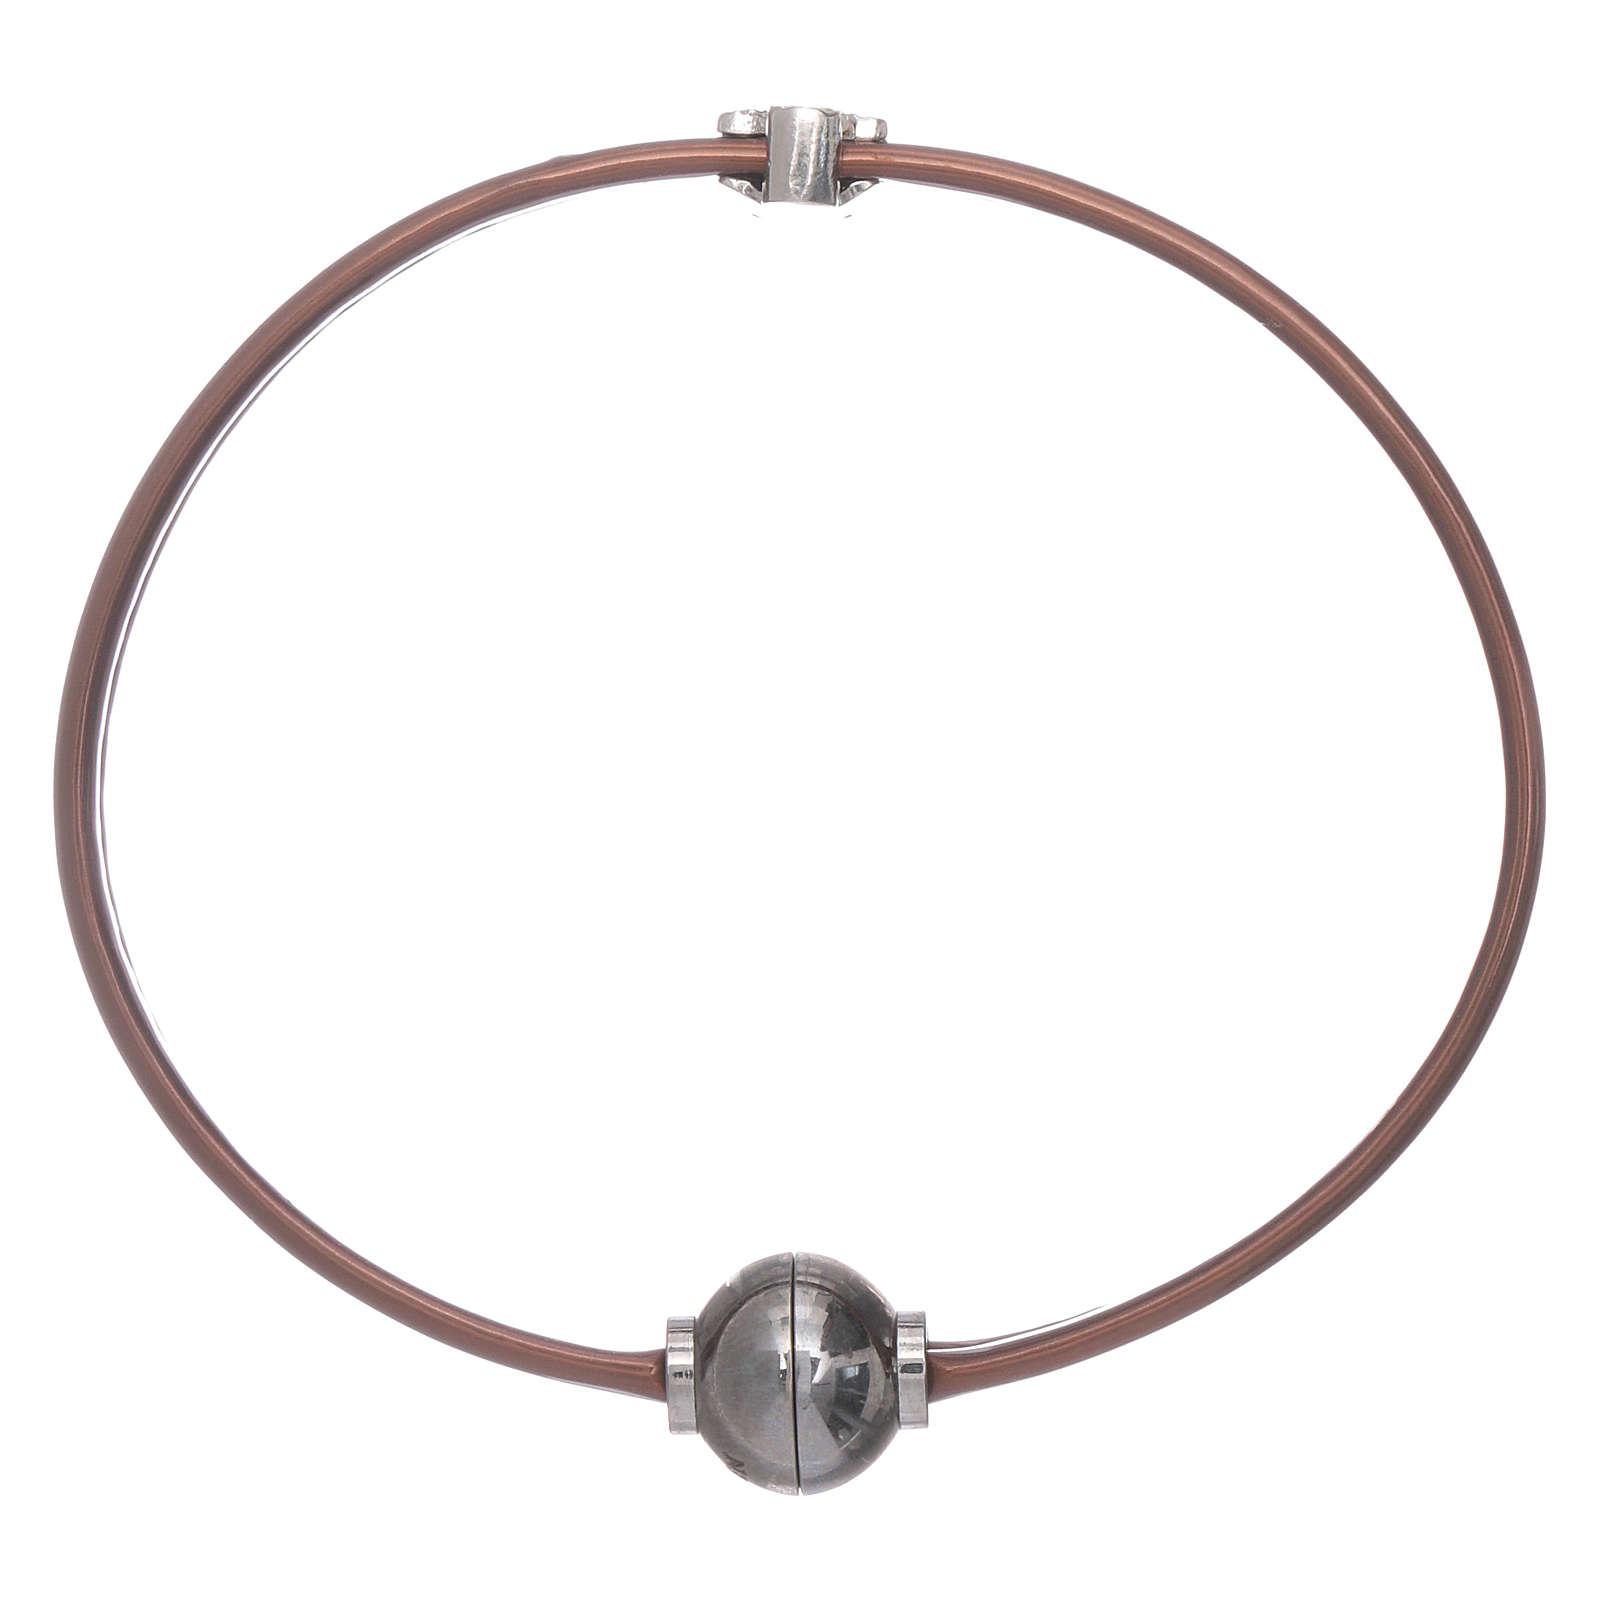 Pulsera termoplástico marrón angelito zirconado plata 925 AMEN 4